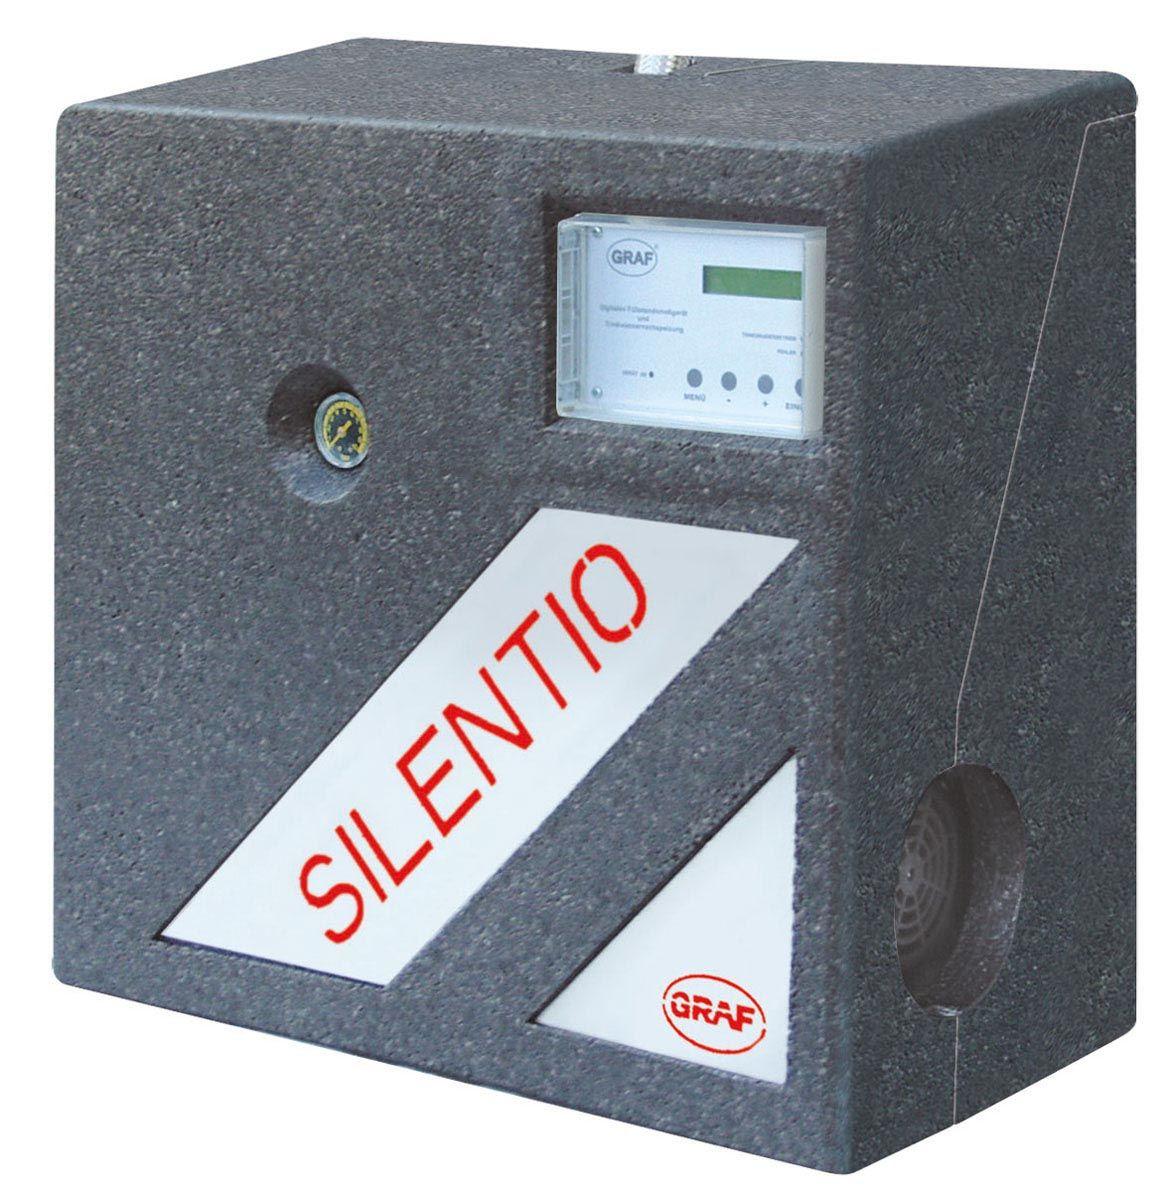 Commande centralisée du système, Aqua-Center-Silentio 15/4, 35 m, 3600 l/h, 0.66 kW